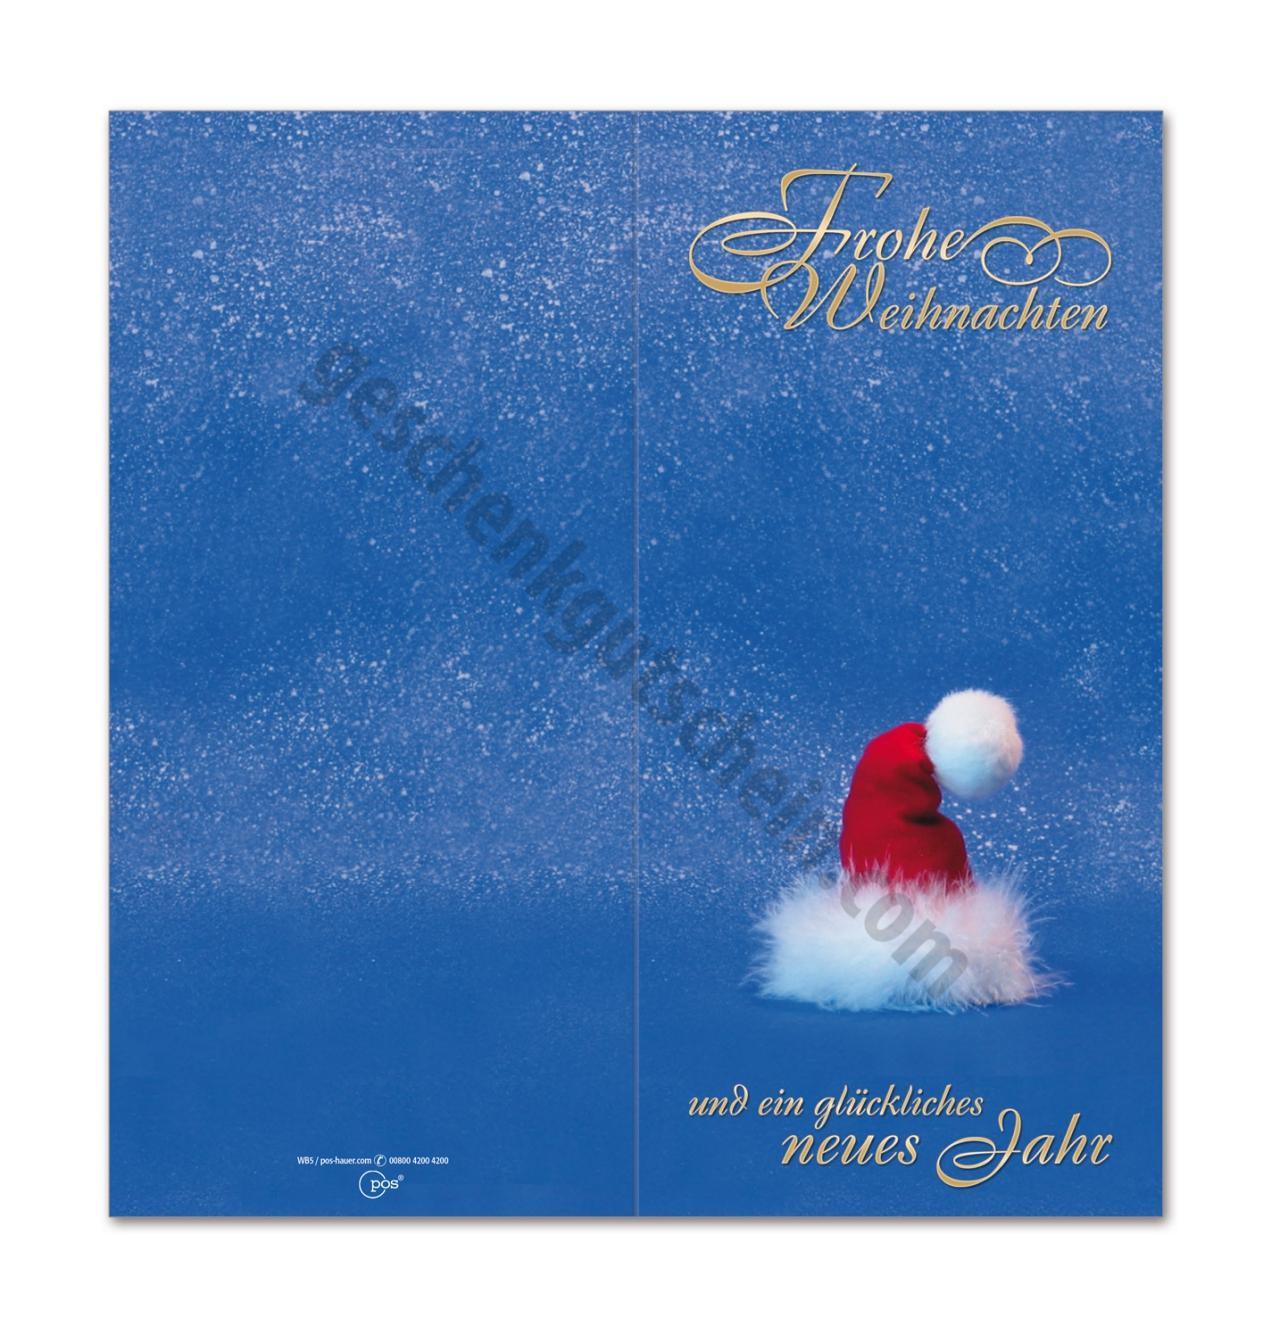 Firmen Weihnachtskarten Drucken.Wb5 Weihnachtskarte Weihnachten Weihnachtsfest X Mas